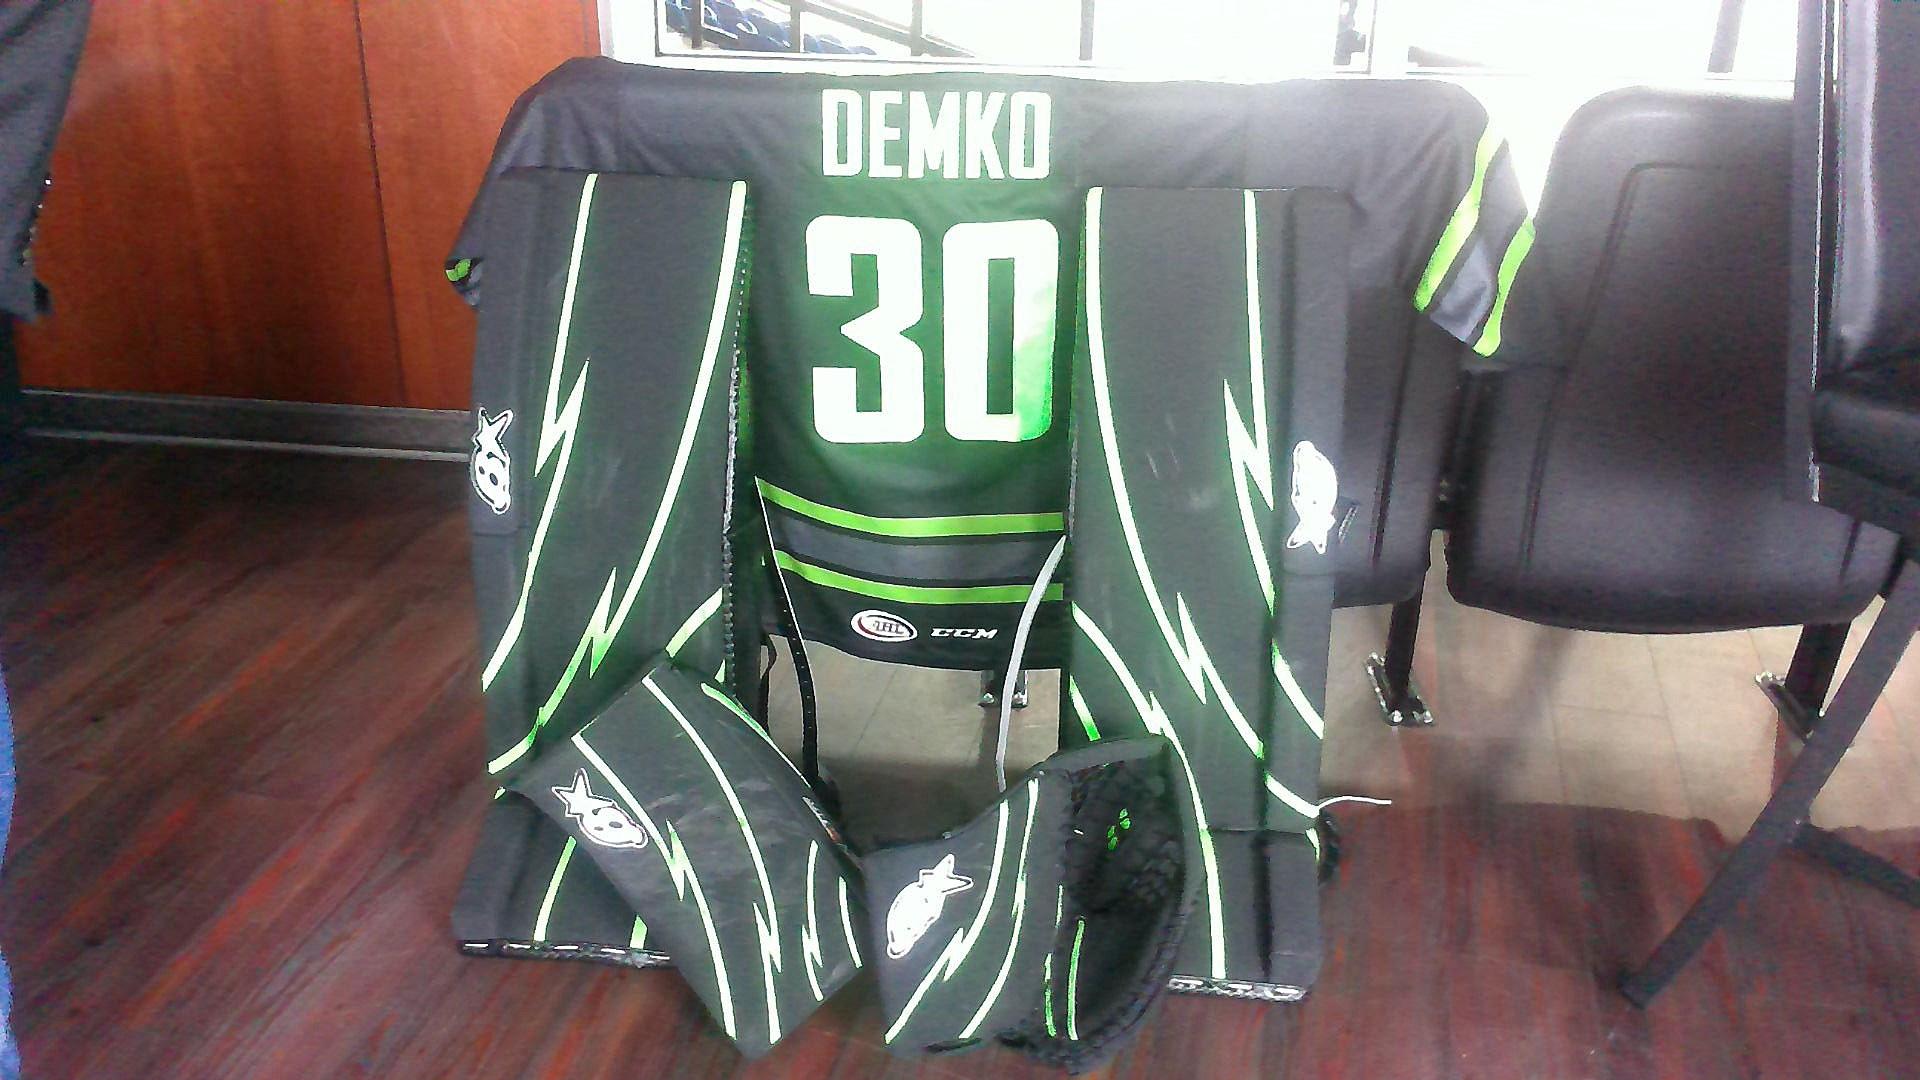 Utica Comets' Goal Demko's Uniform for Saturday's Game